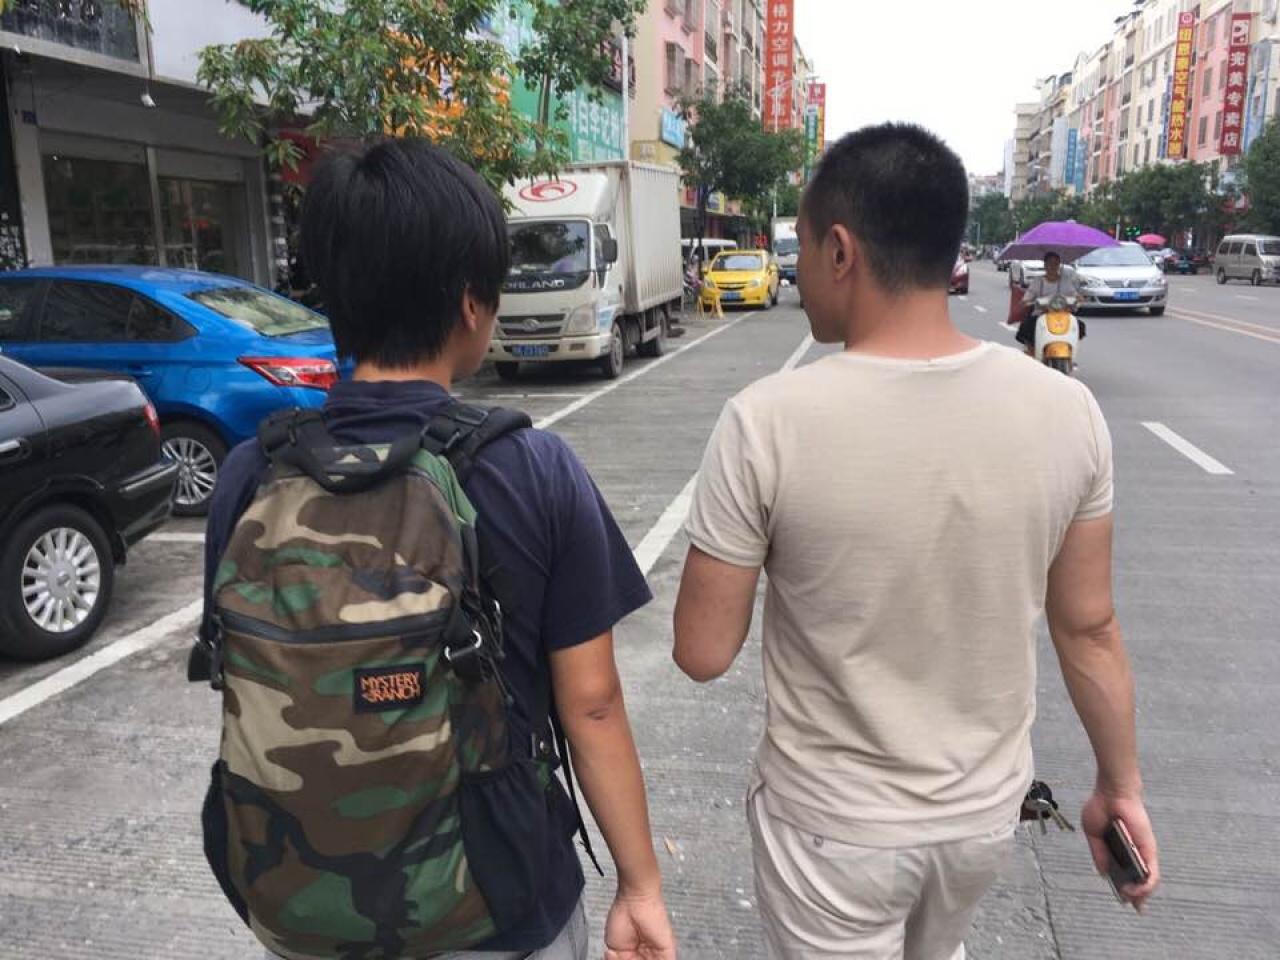 2017年6月20日,記者前往玉林狗肉節,當地便衣人員與記者交談。(李俊杰攝)